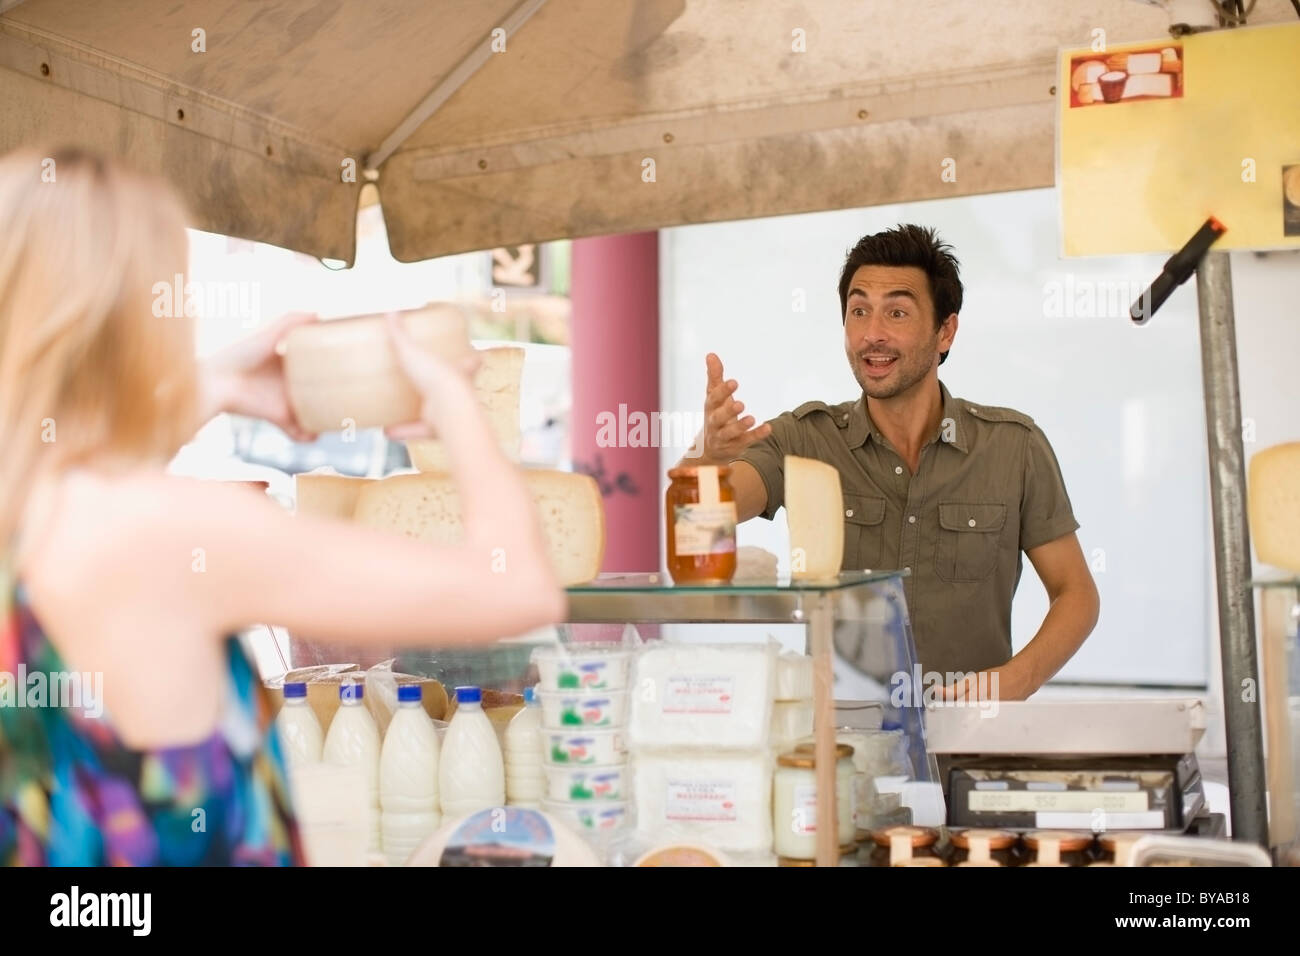 Man working at market - Stock Image